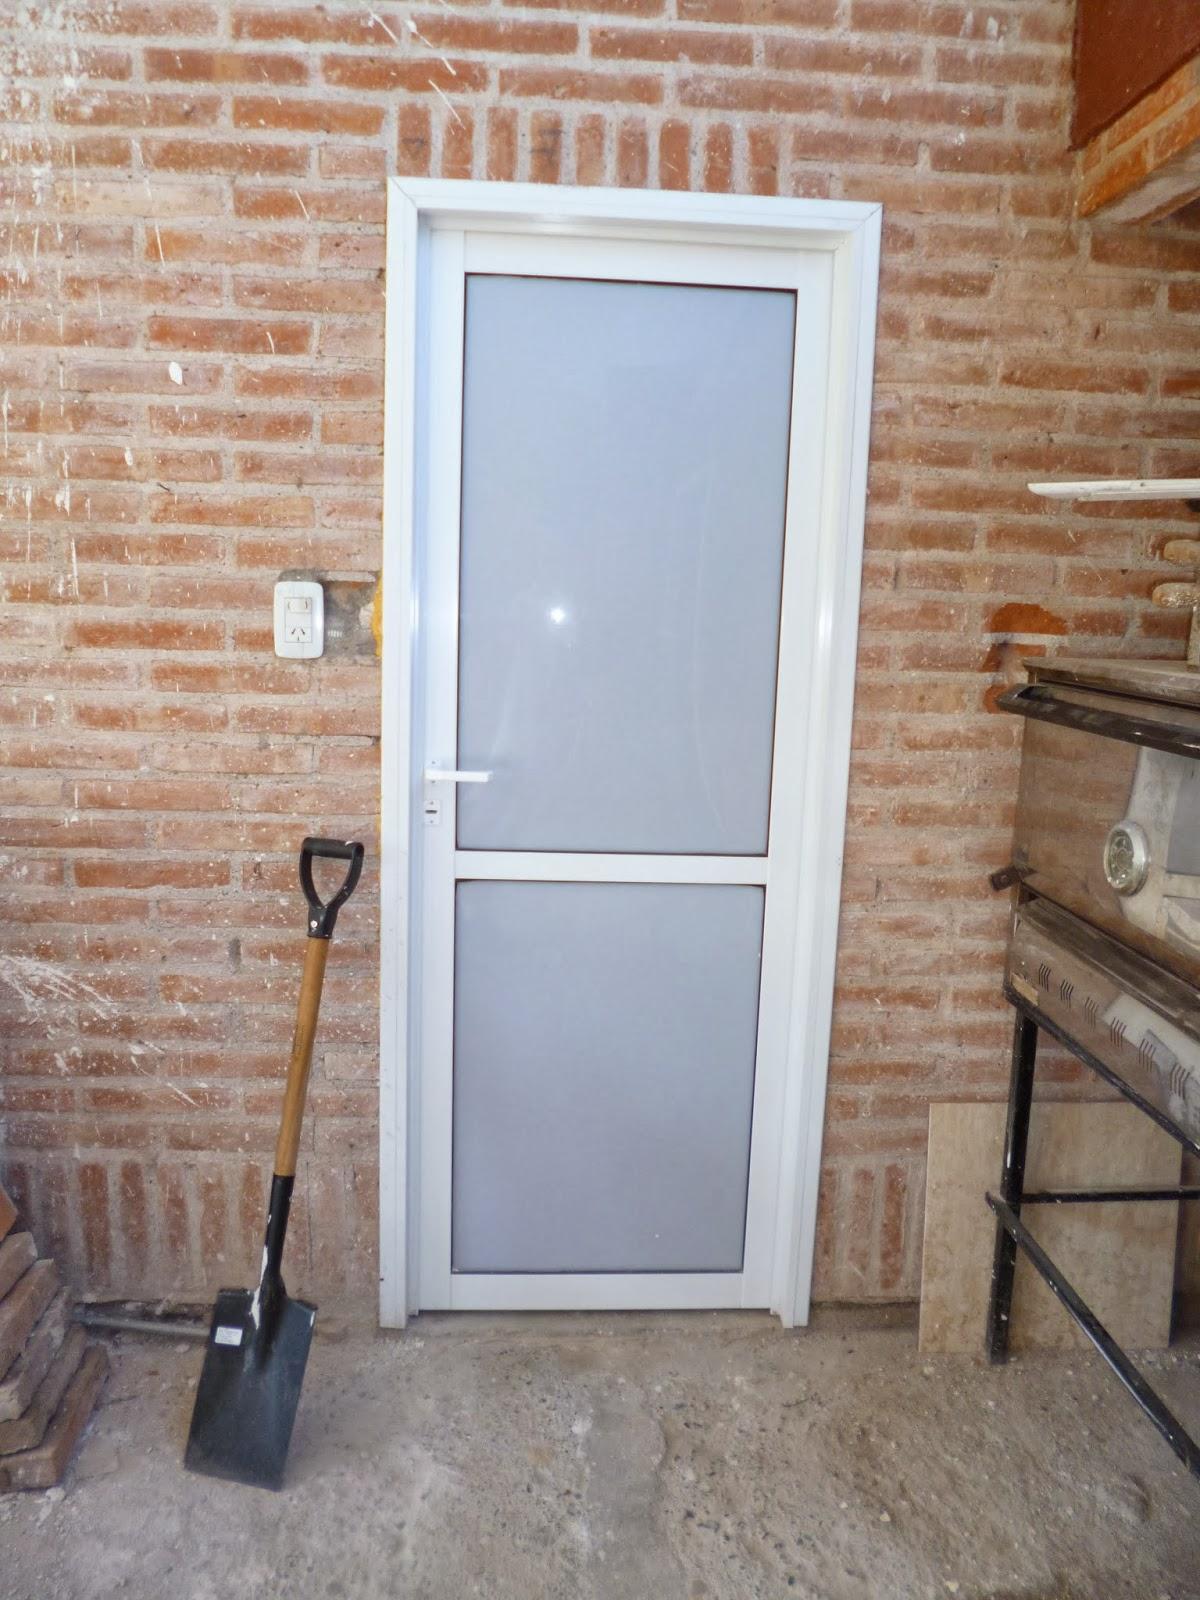 Puertas De Baño Acrilico: (Carpintería de Aluminio): puertas en aluminio y acrilico blanco